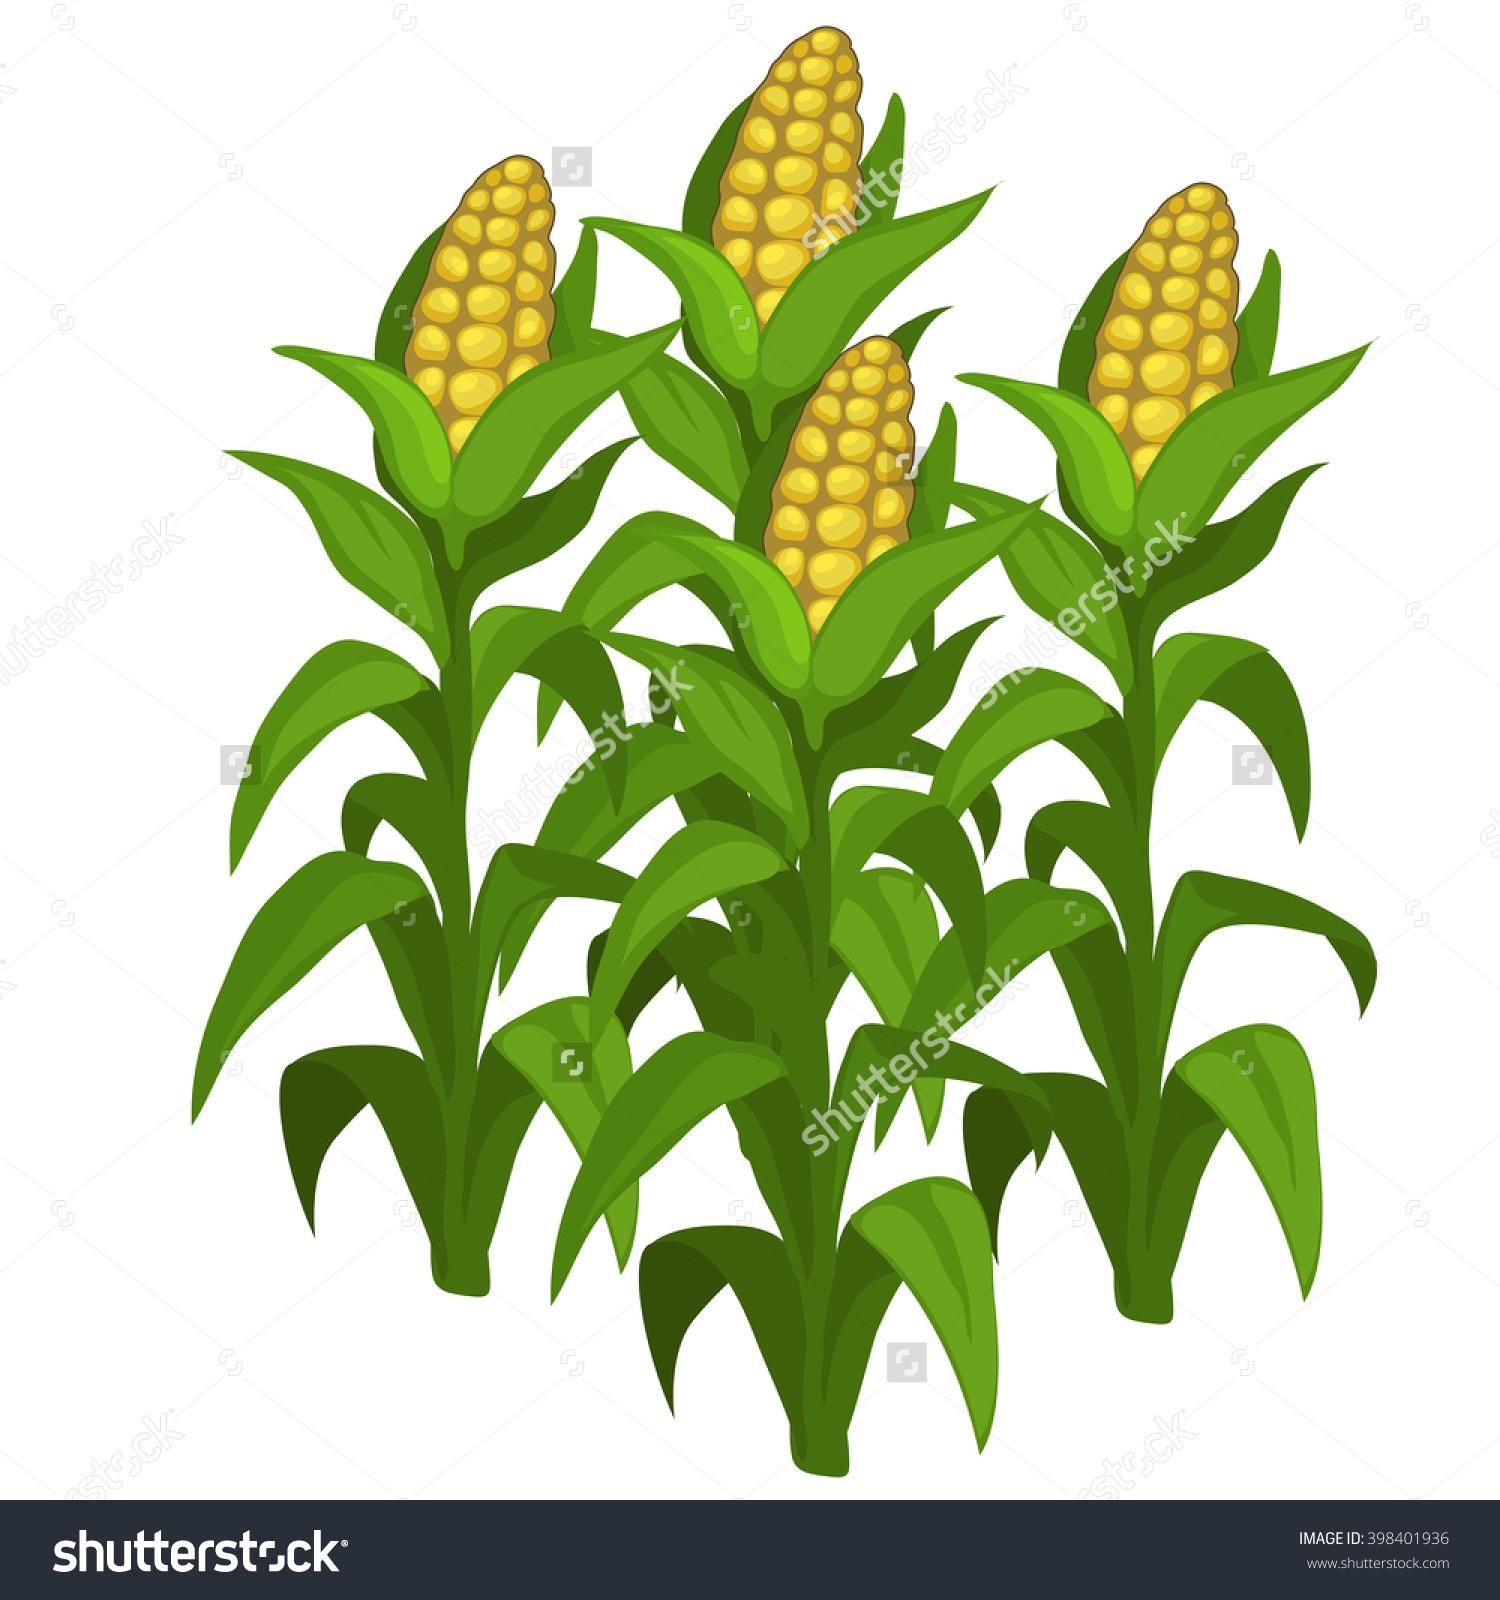 Maize field clipart #3